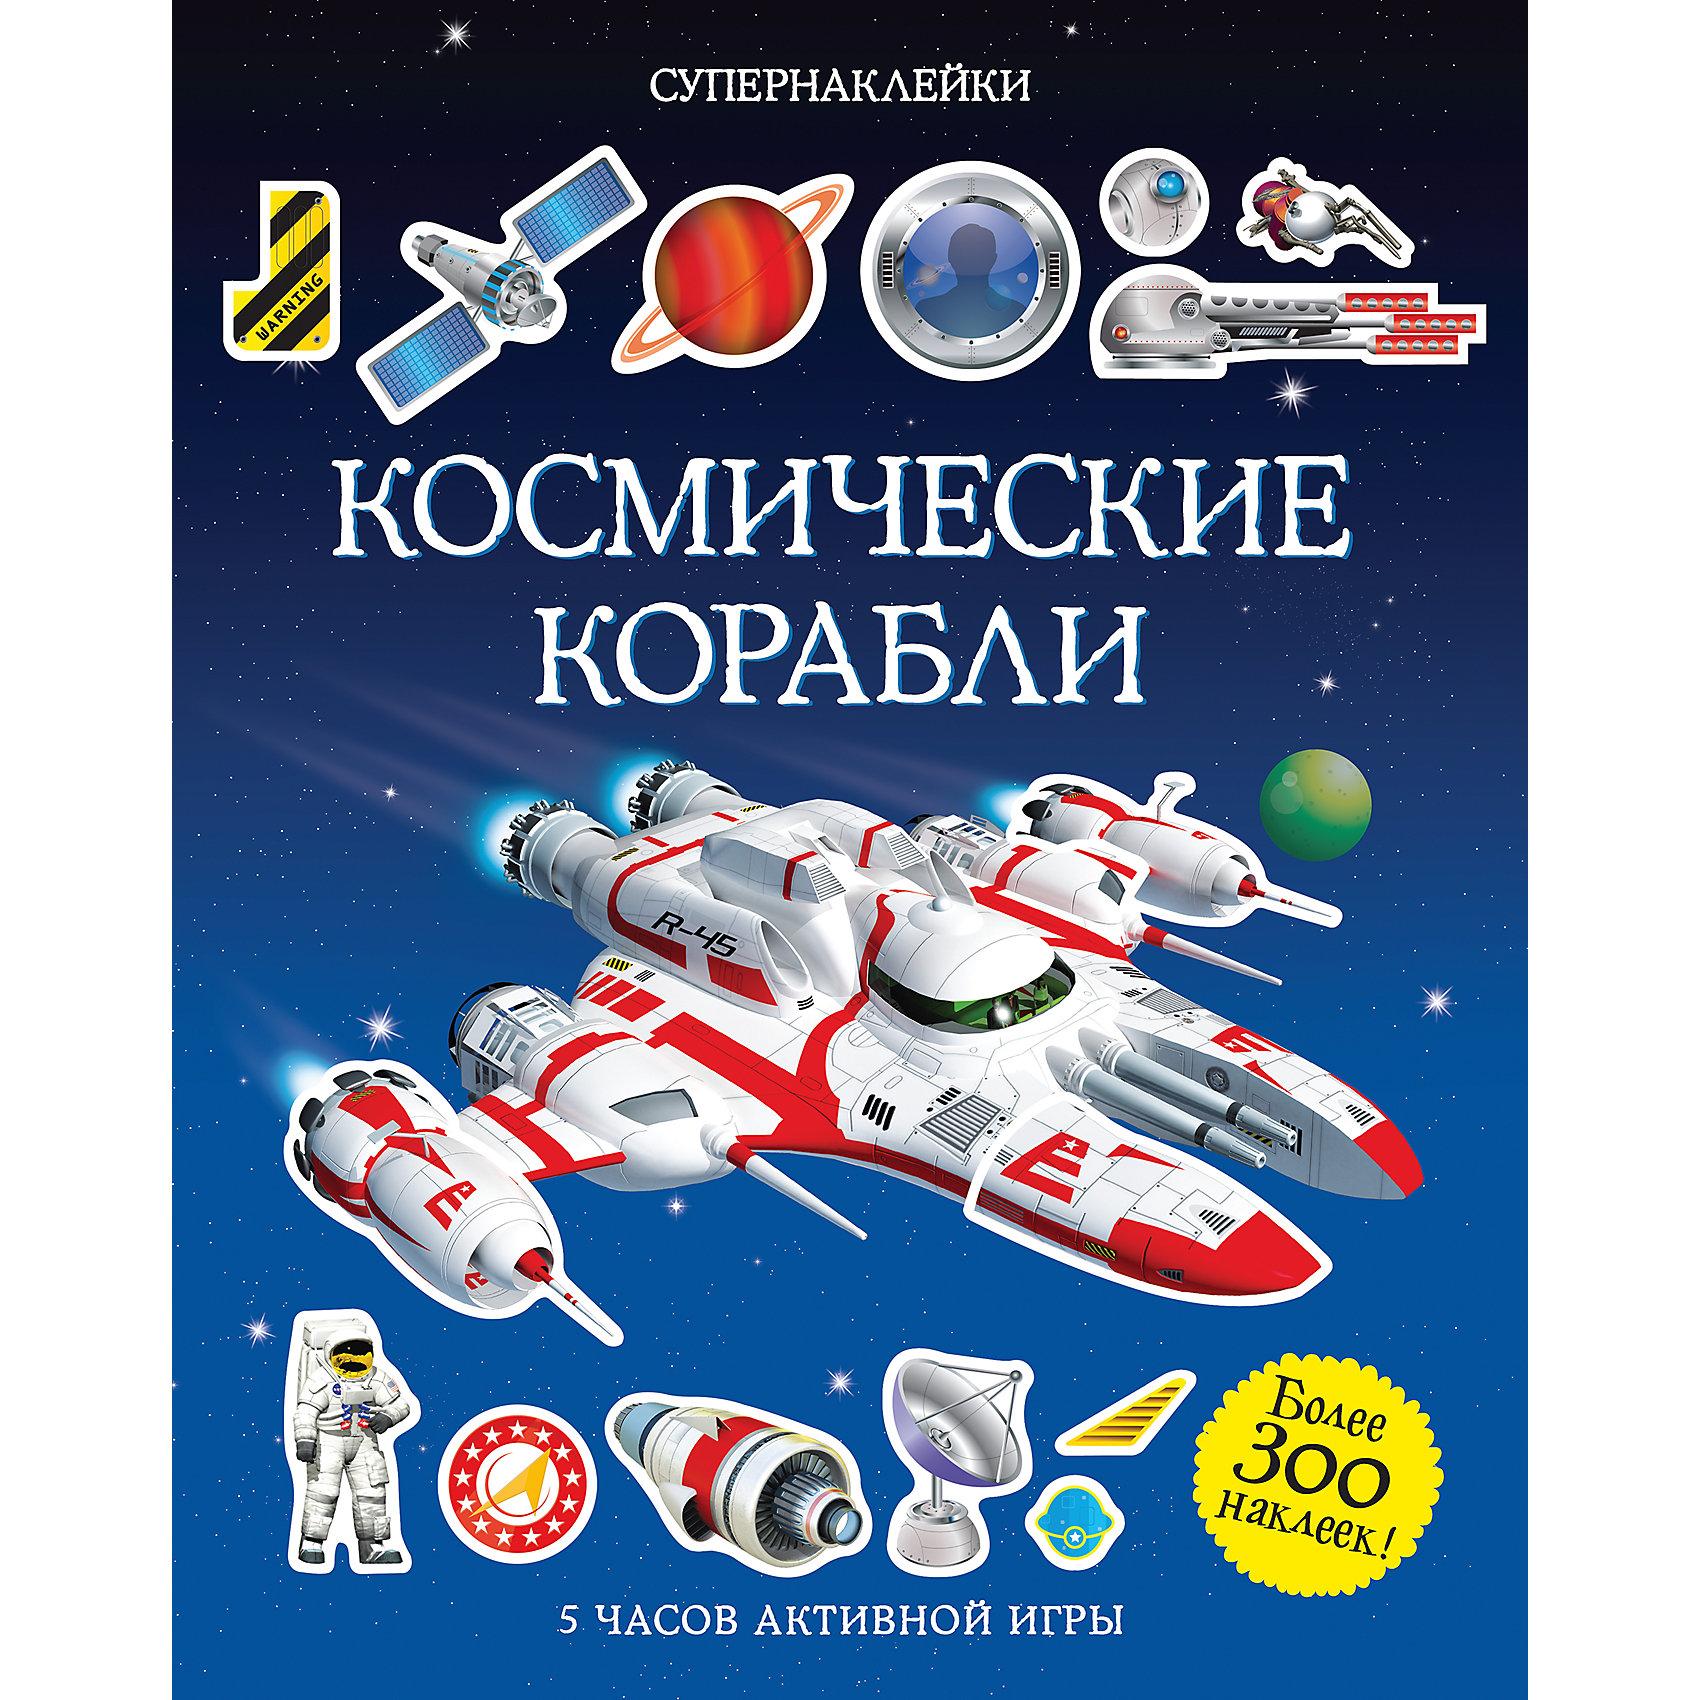 Космические корабли, СупернаклейкиНа каких кораблях люди впервые отправились в космос? А на каких могут летать инопланетяне? Собери с помощью наклеек фантастические и реально существовавшие космические корабли.<br>Читаем и играем! Развиваем внимание, воображение, мелкую моторику и художественный вкус.<br><br>Ширина мм: 305<br>Глубина мм: 240<br>Высота мм: 4<br>Вес г: 303<br>Возраст от месяцев: 84<br>Возраст до месяцев: 120<br>Пол: Унисекс<br>Возраст: Детский<br>SKU: 4818125